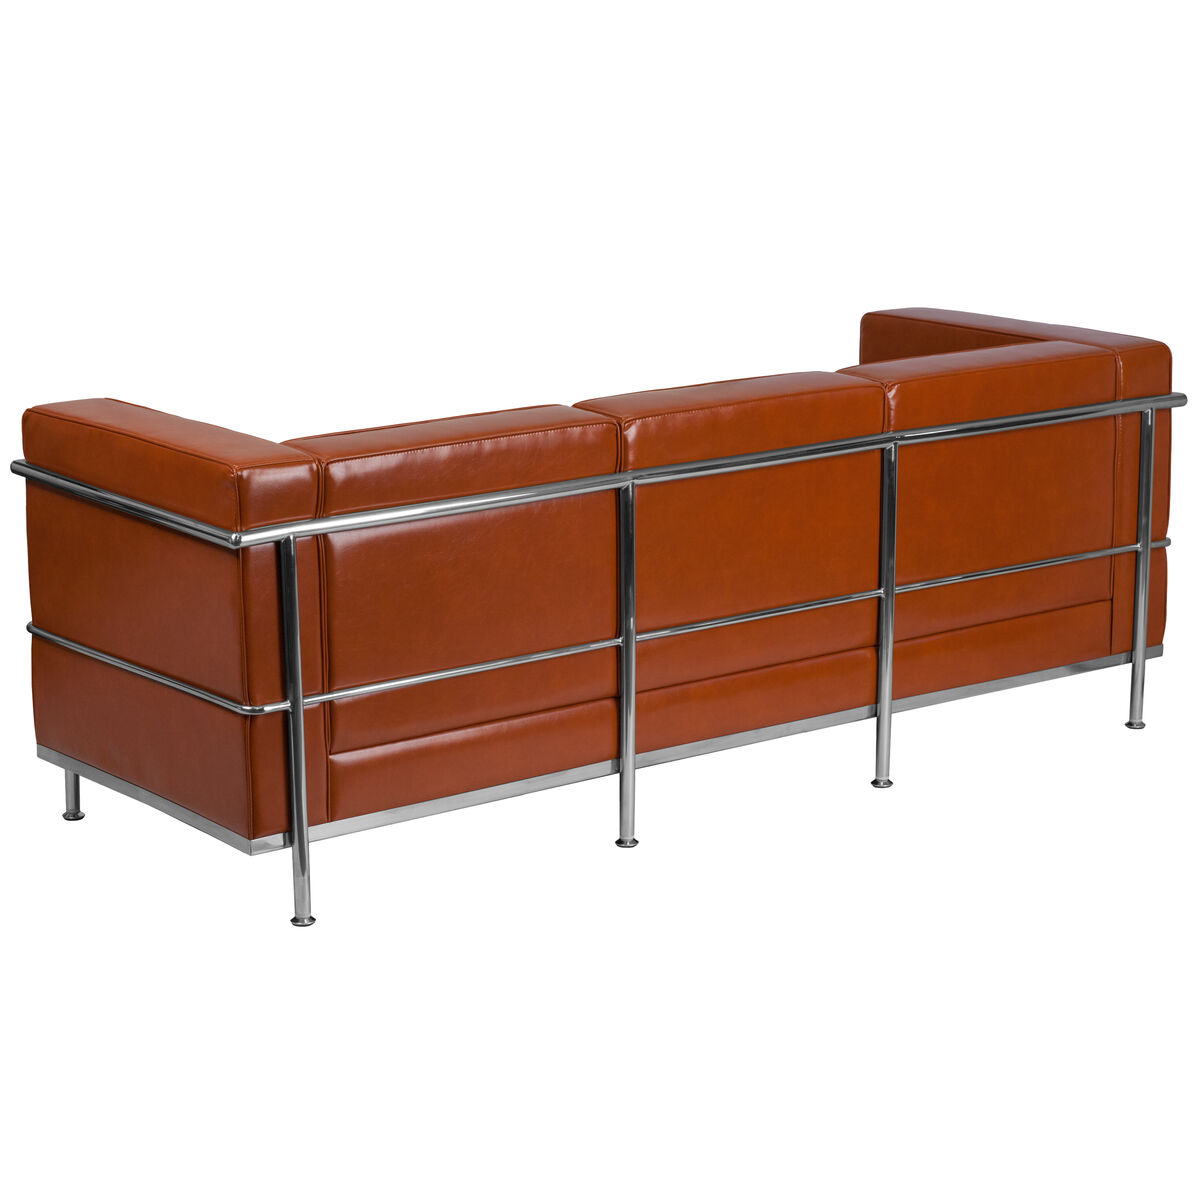 flash furniture zb regal 810 3 sofa cog gg. Black Bedroom Furniture Sets. Home Design Ideas